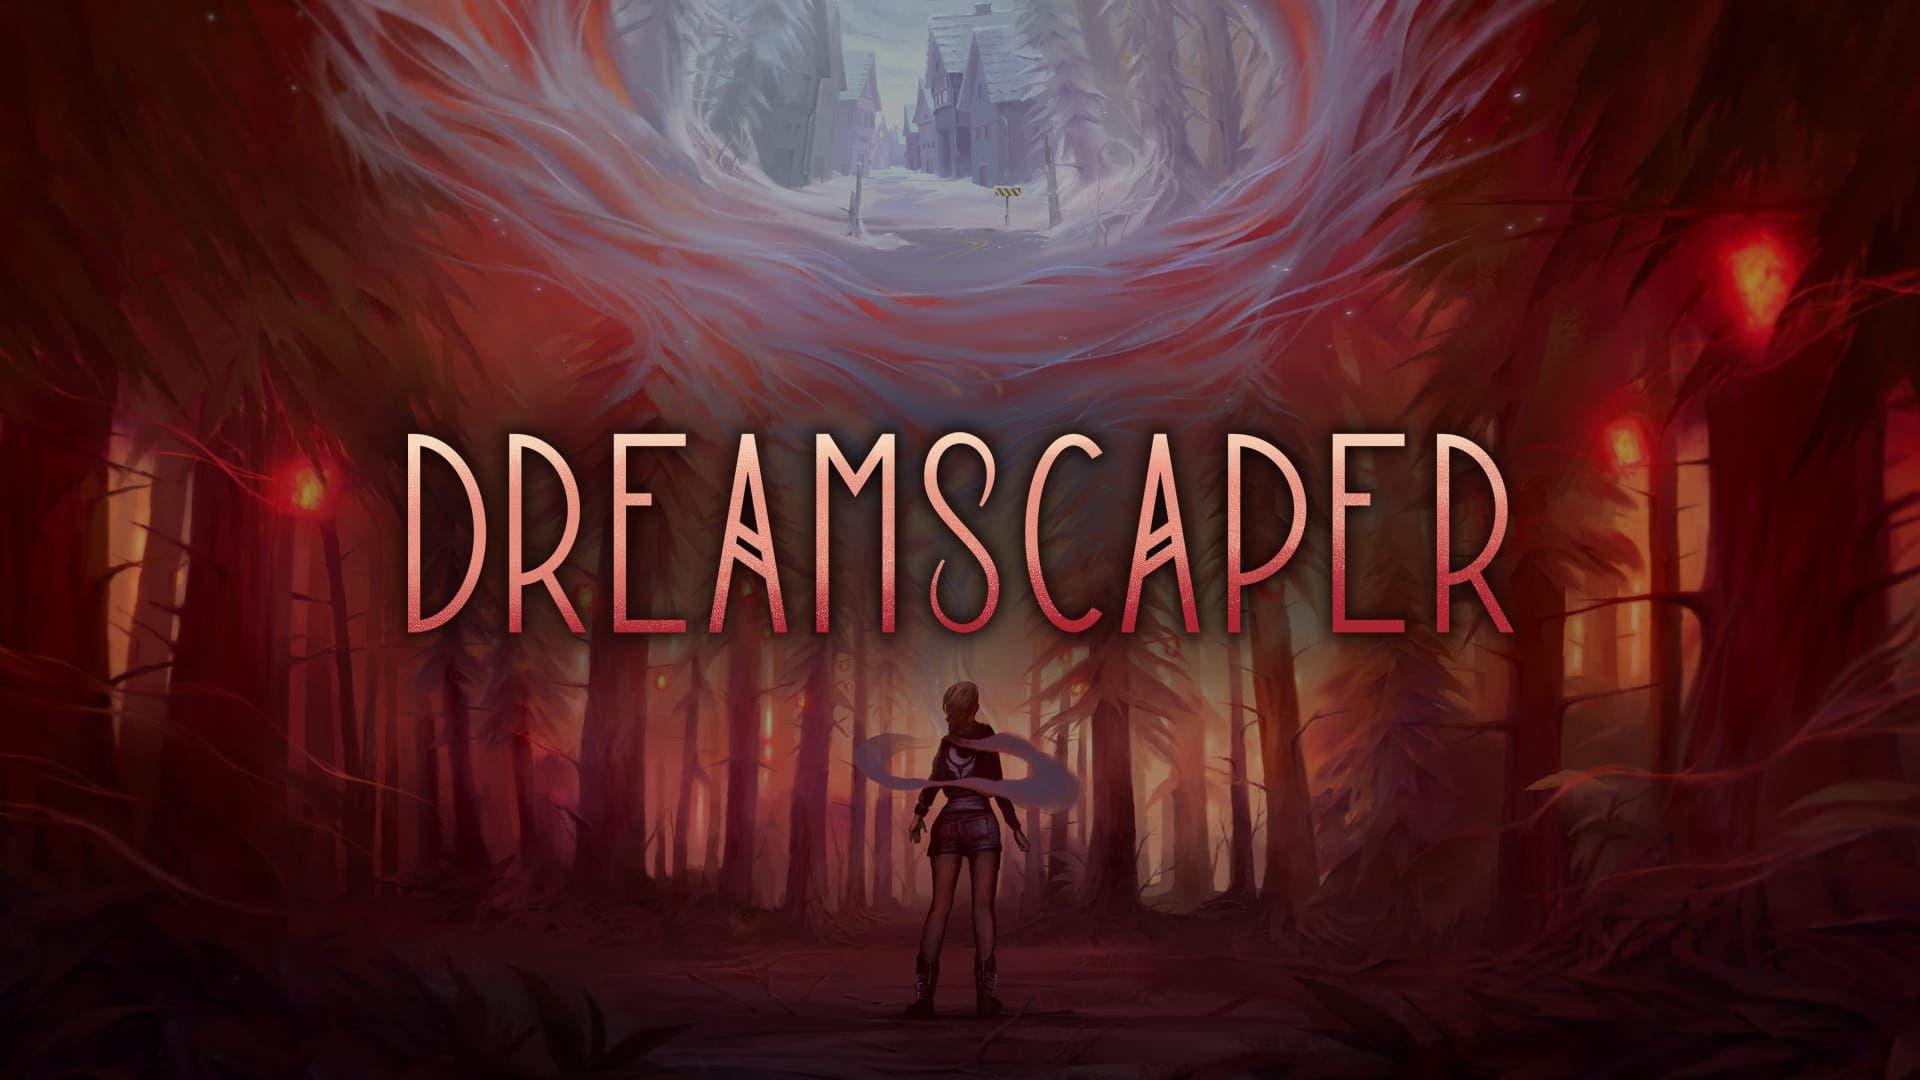 Dreamscaper llegará a Nintendo Switch tras su exitosa financiación en Kickstarter